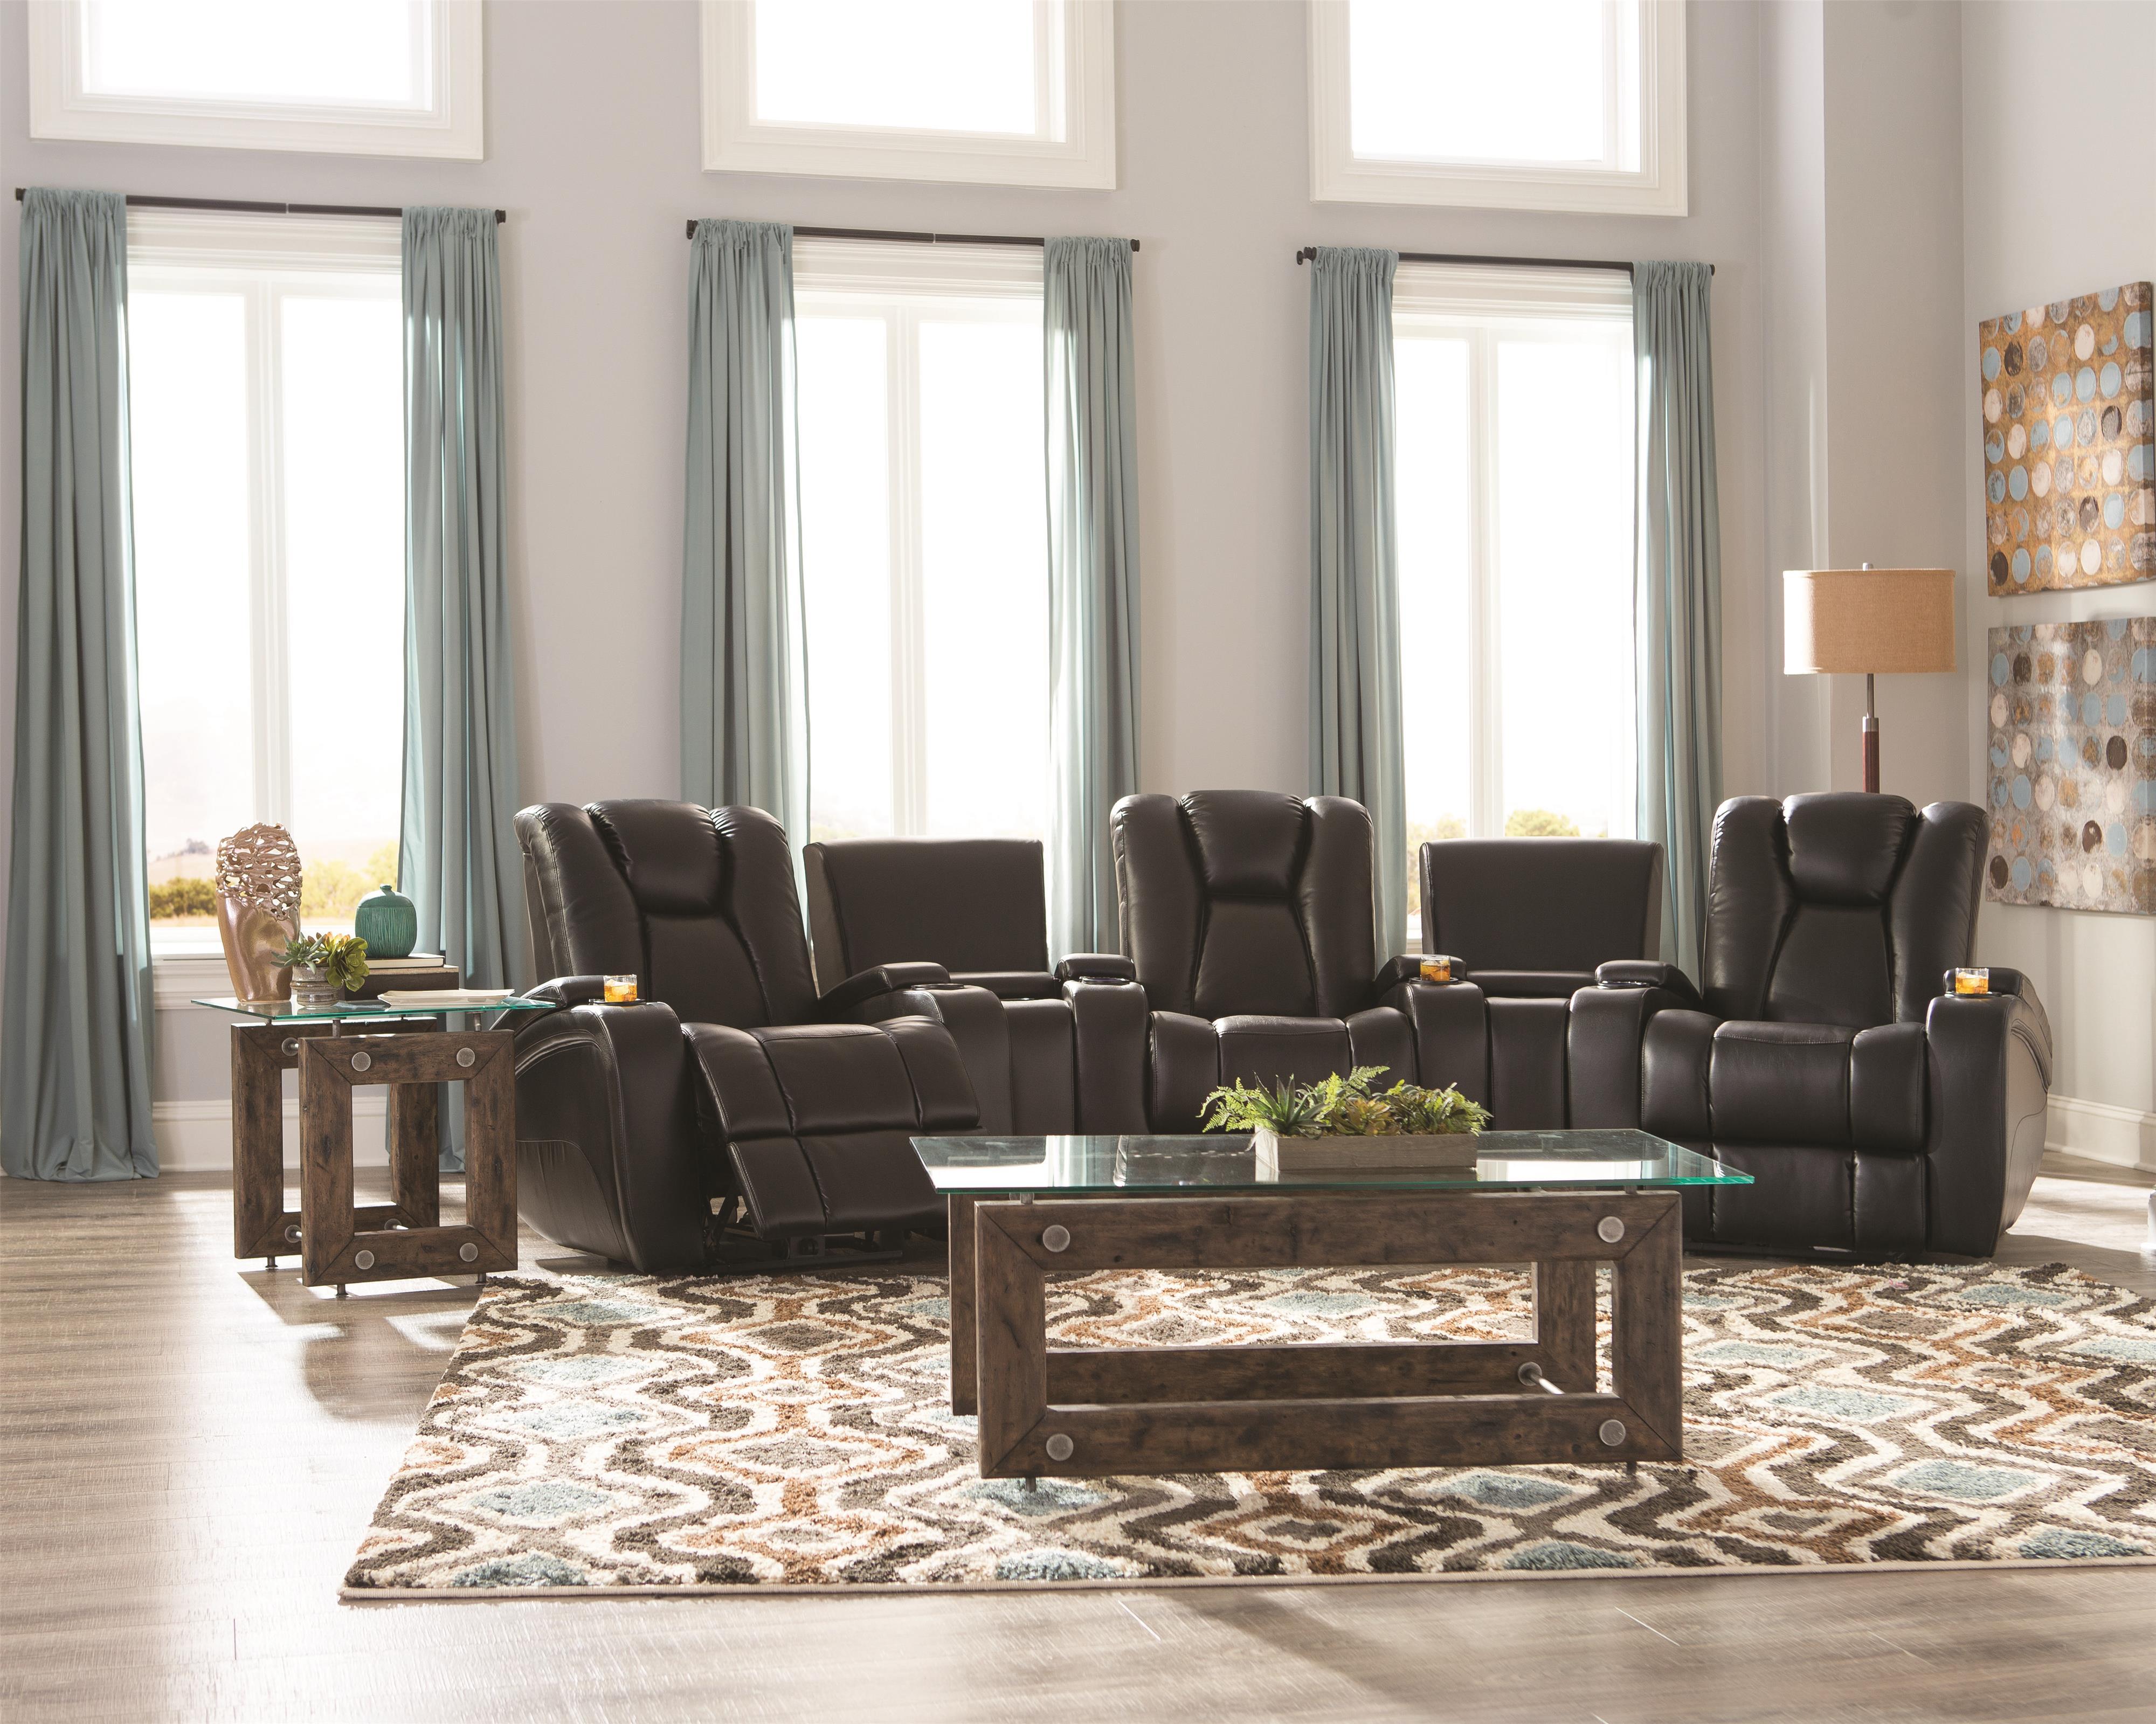 Coaster Delange Reclining Living Room Group - Item Number: 60174 Living Room Group 2